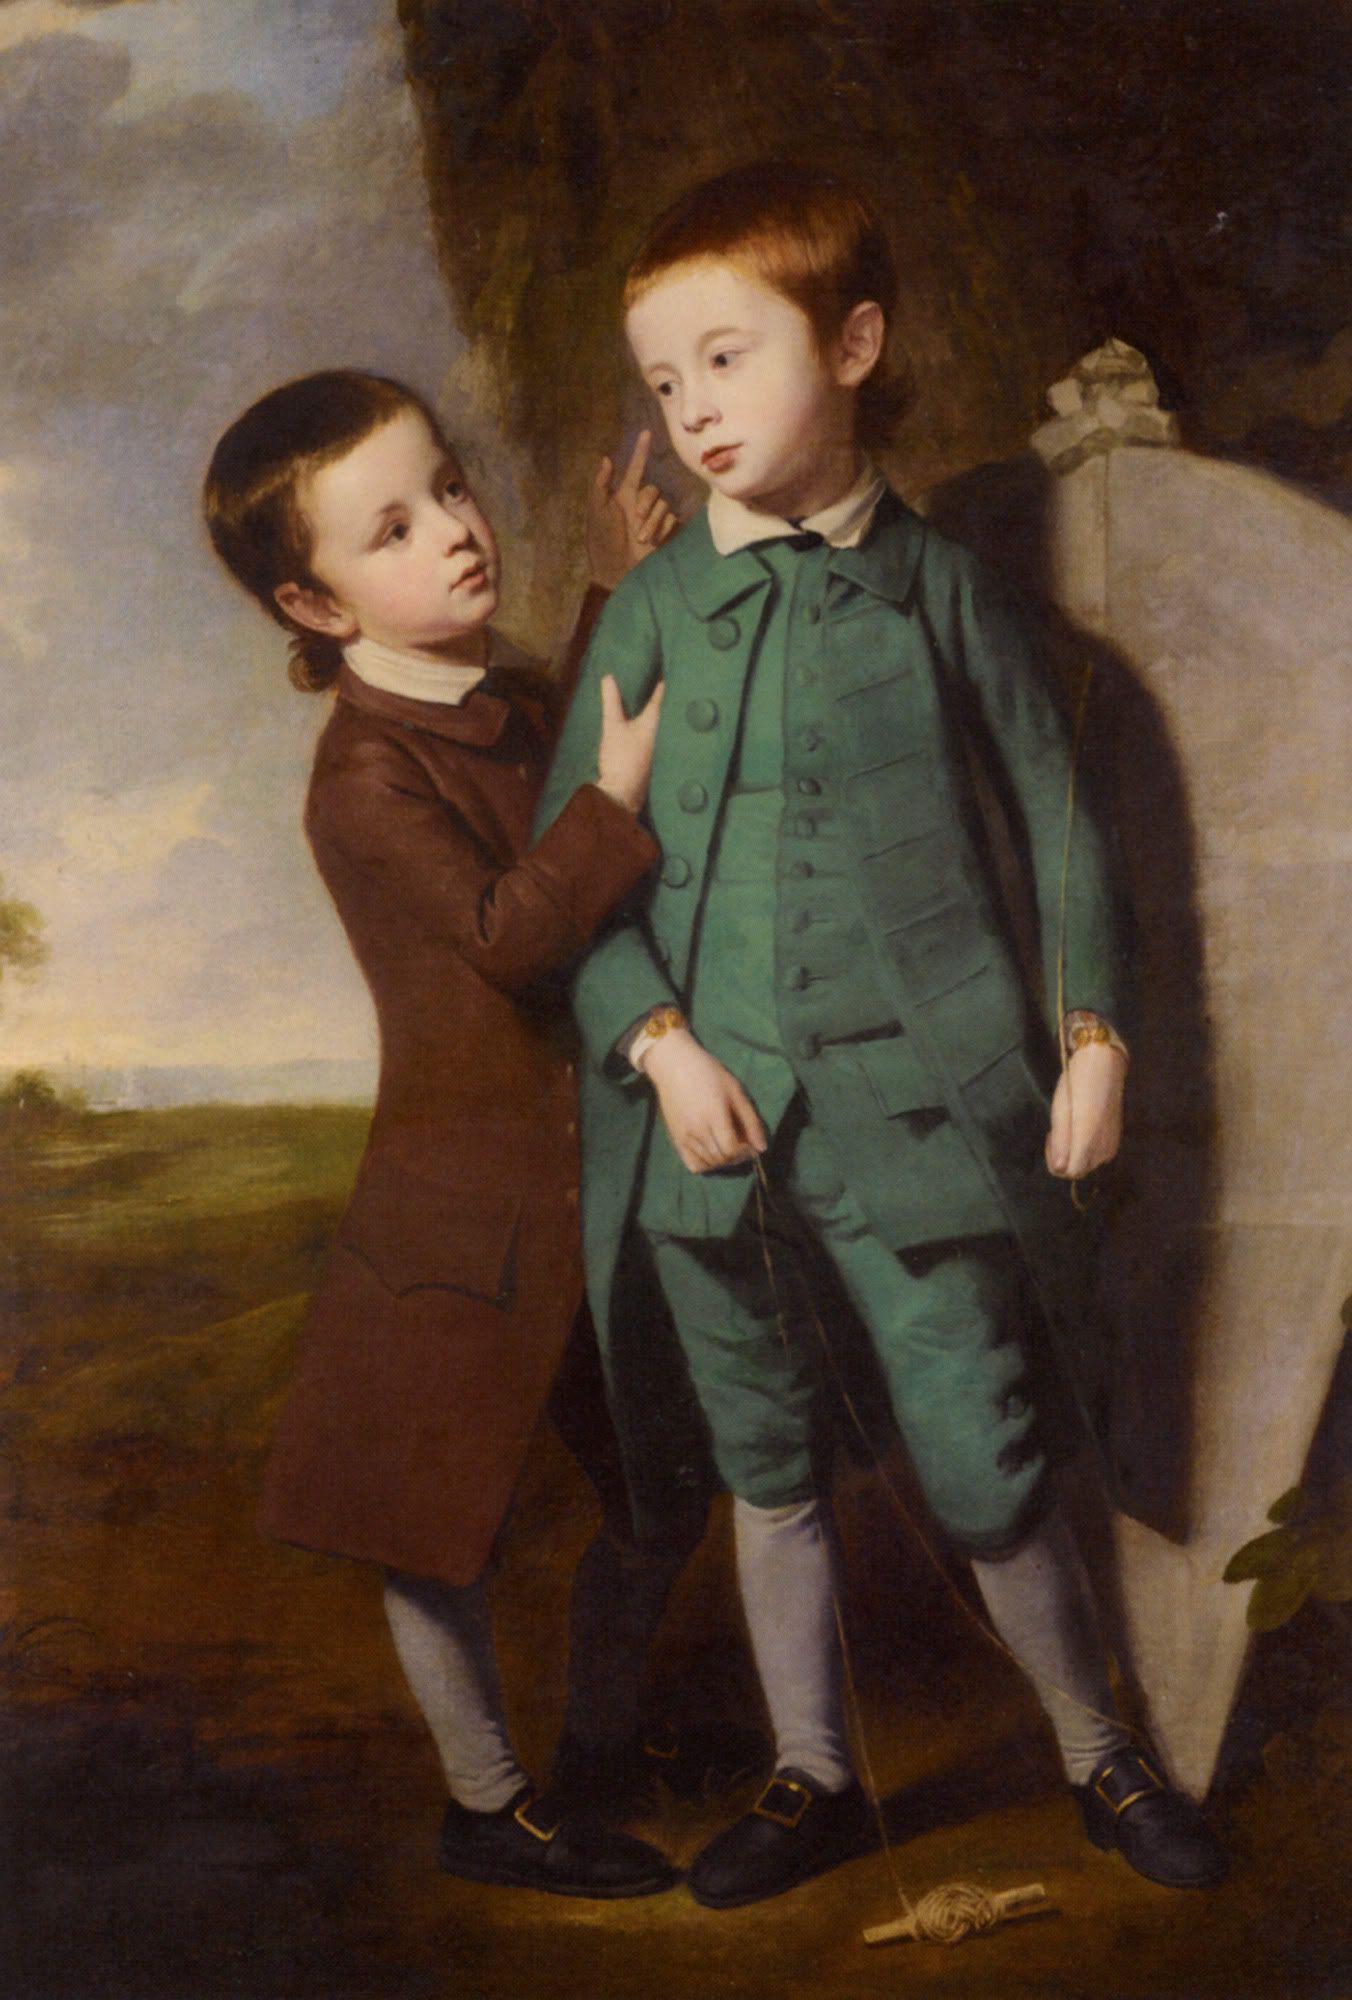 Αποτέλεσμα εικόνας για george romney painter